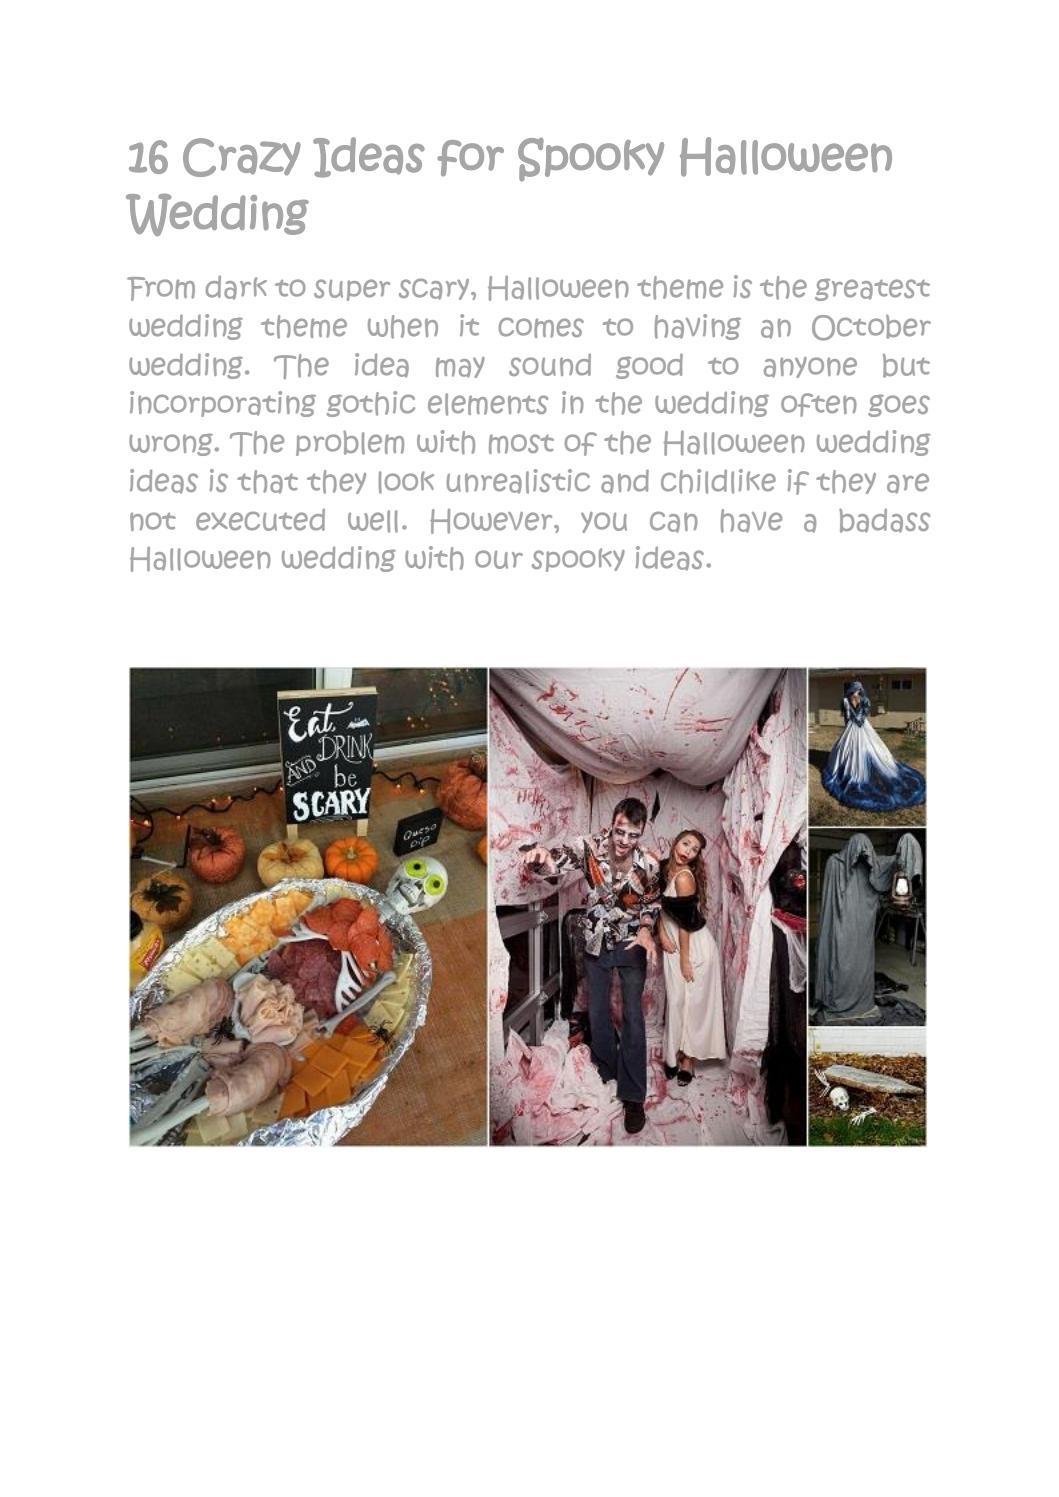 Contemporary Halloween Wedding Theme Composition - The Wedding Ideas ...